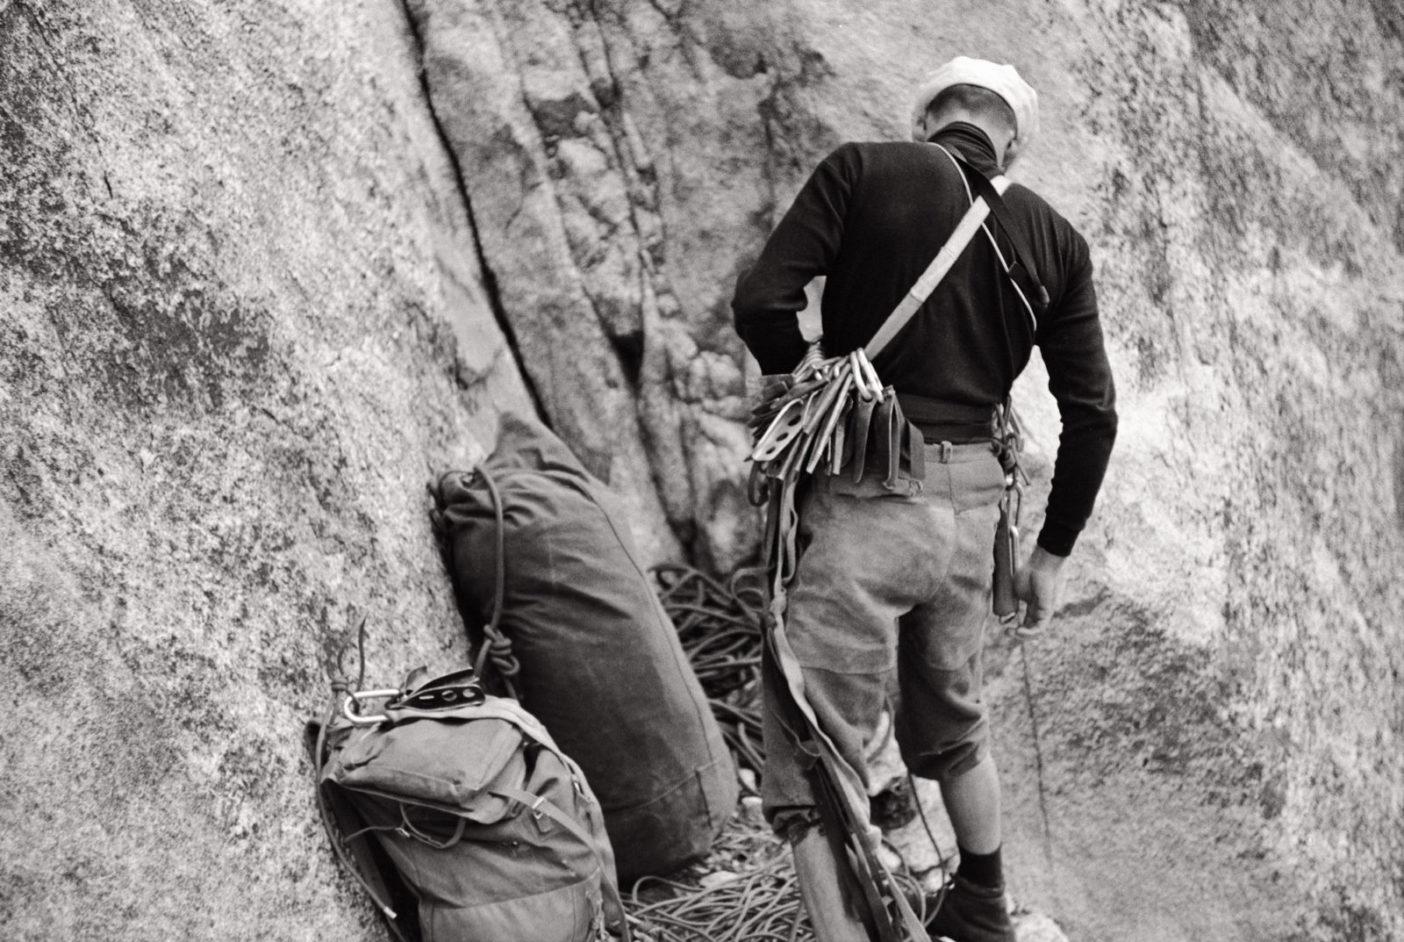 エル・キャピタン初の単独登攀に着手するロイヤル・ロビンス。カリフォルニア州ヨセミテ。1968年 Photo: Glen Denny